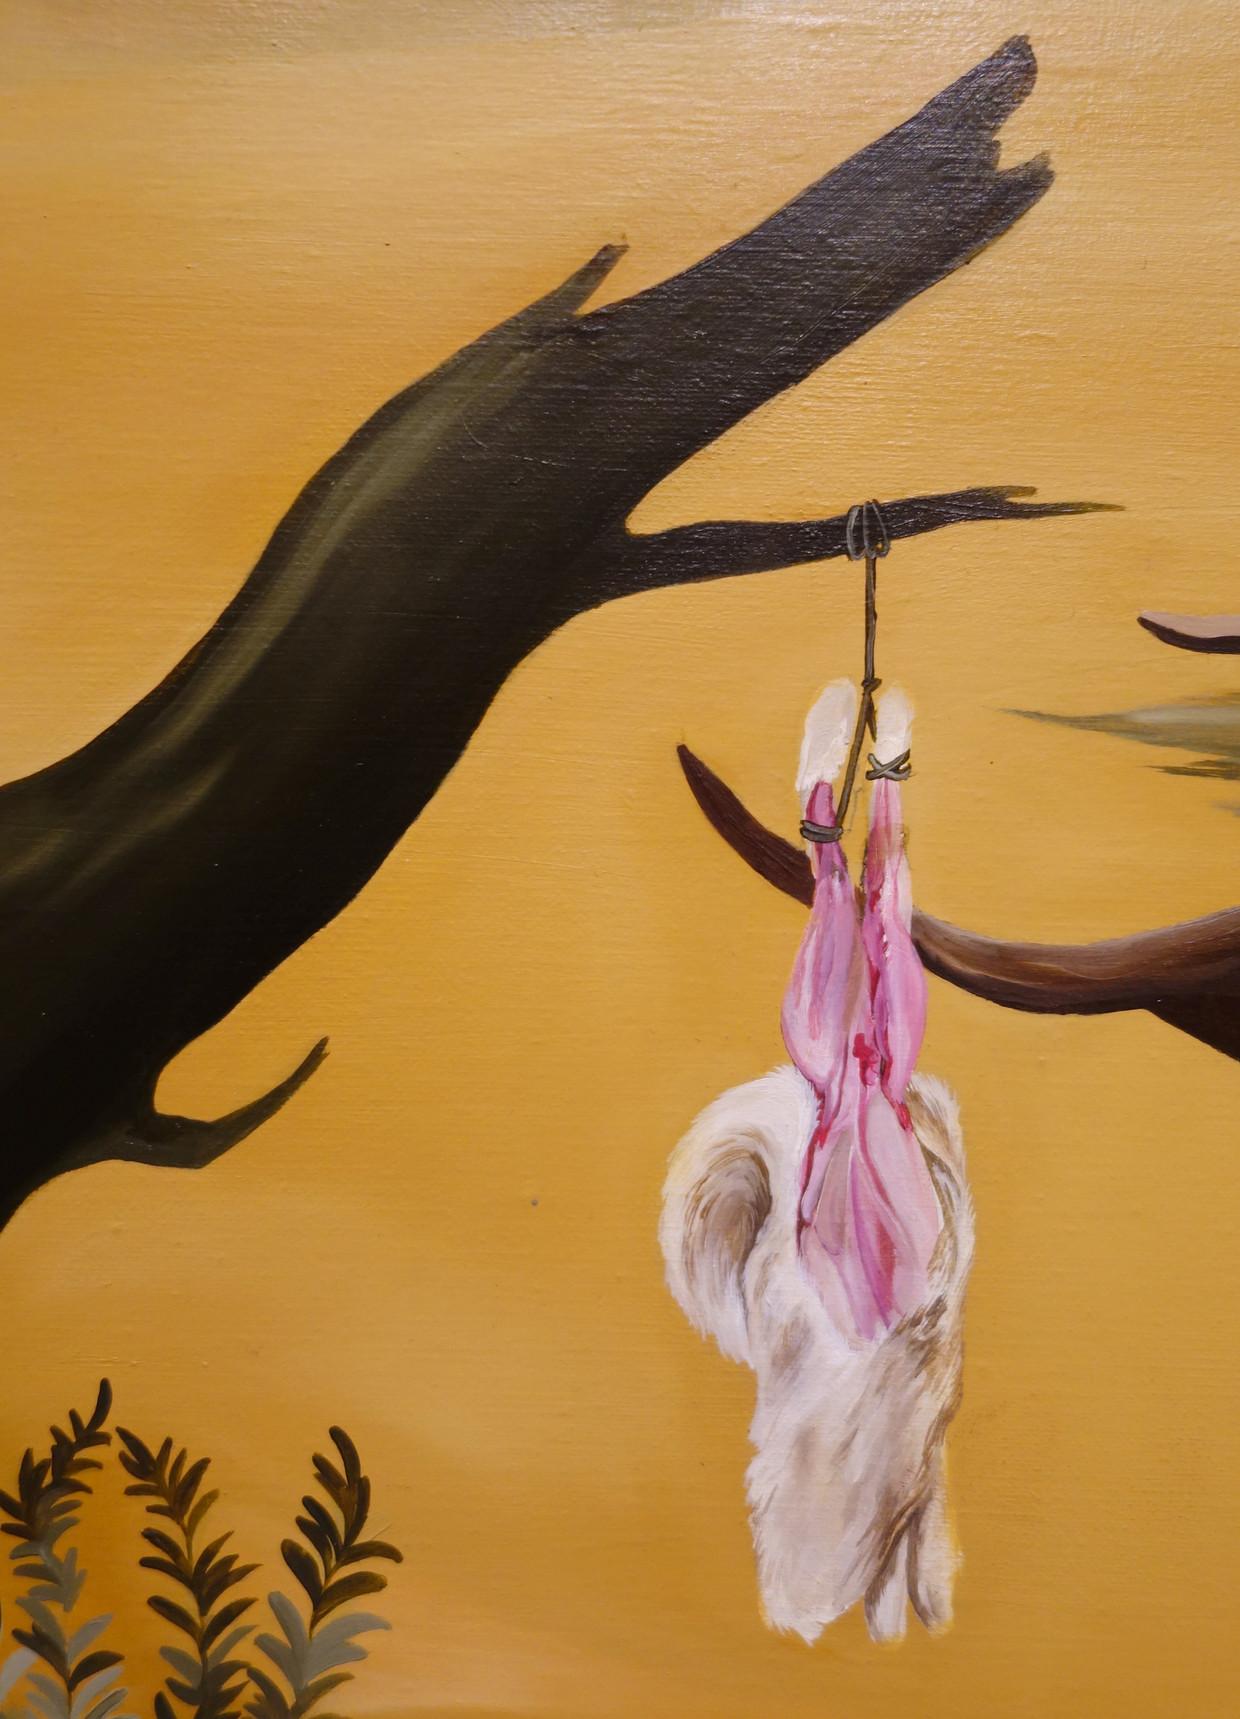 Sanam Khatibi, No one's Going Quietly, 2016, olieverf en potlood op doek, privécollectie. Het hangt in de expo Moesman/De tranen van Eros in Centraal Museum in Utrecht. Beeld privé collectie